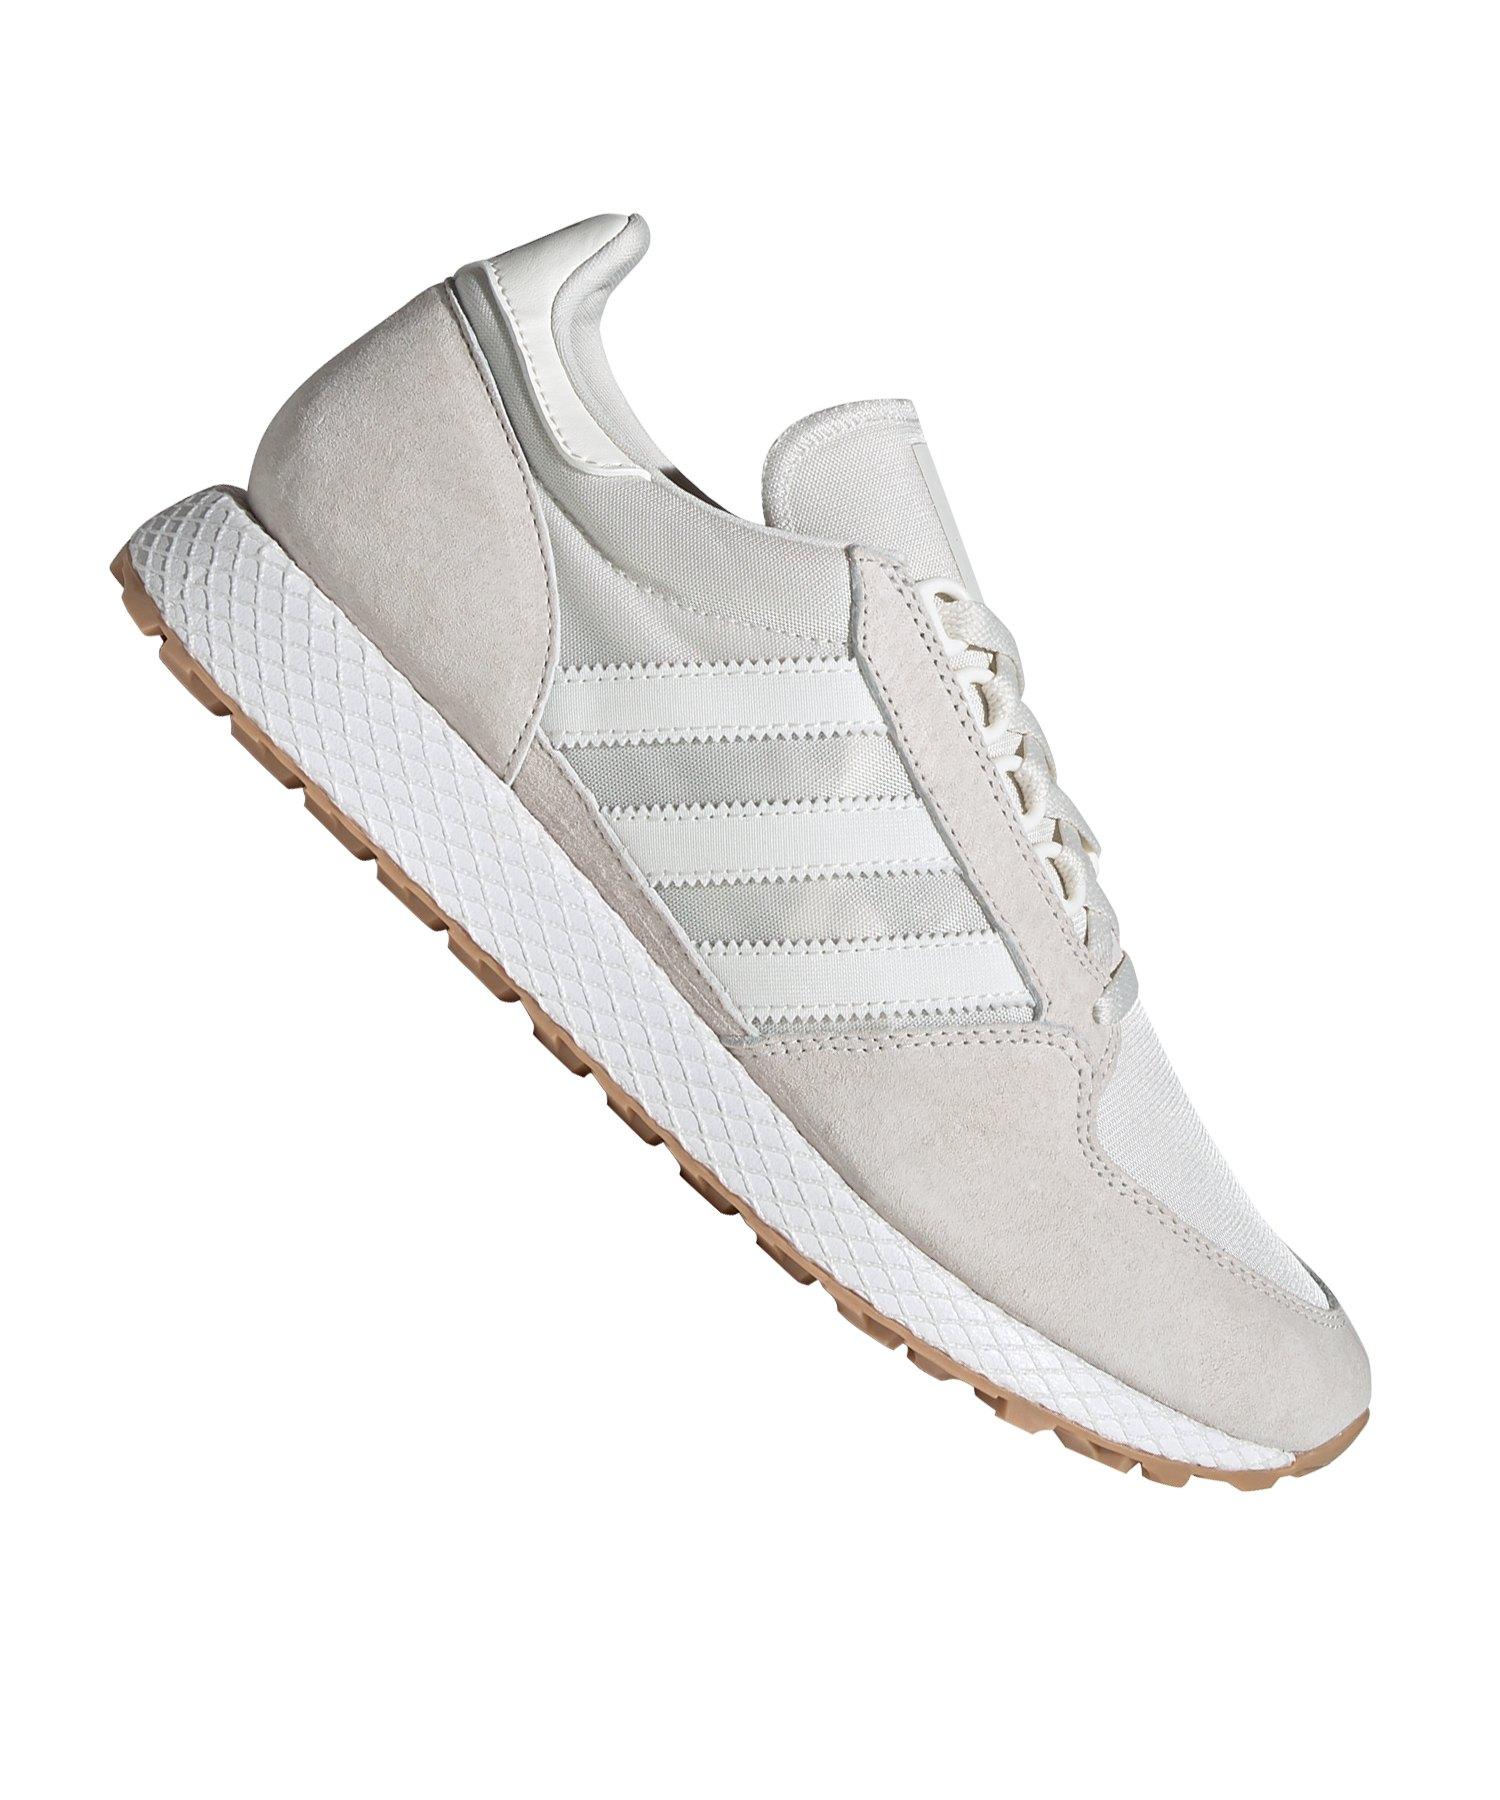 cheap for discount 97c50 e2767 adidas Originals Forest Grove Sneaker Grau Weiss